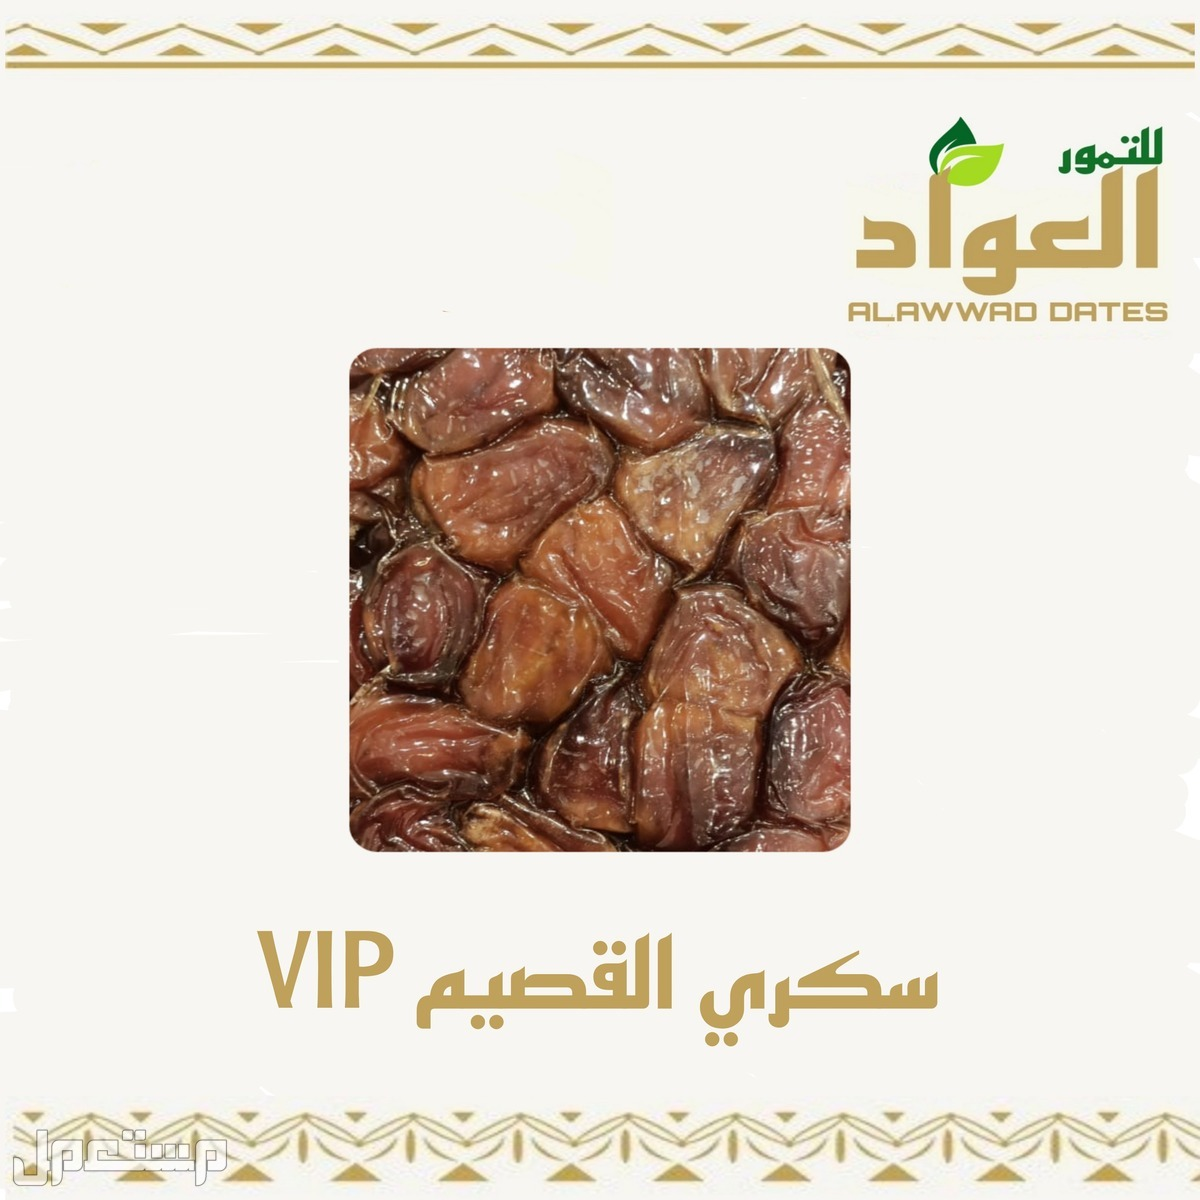 العرض الحق القهوه العربية  الزعفران طبيعي محل الشهراني مخرج 14 الرياض